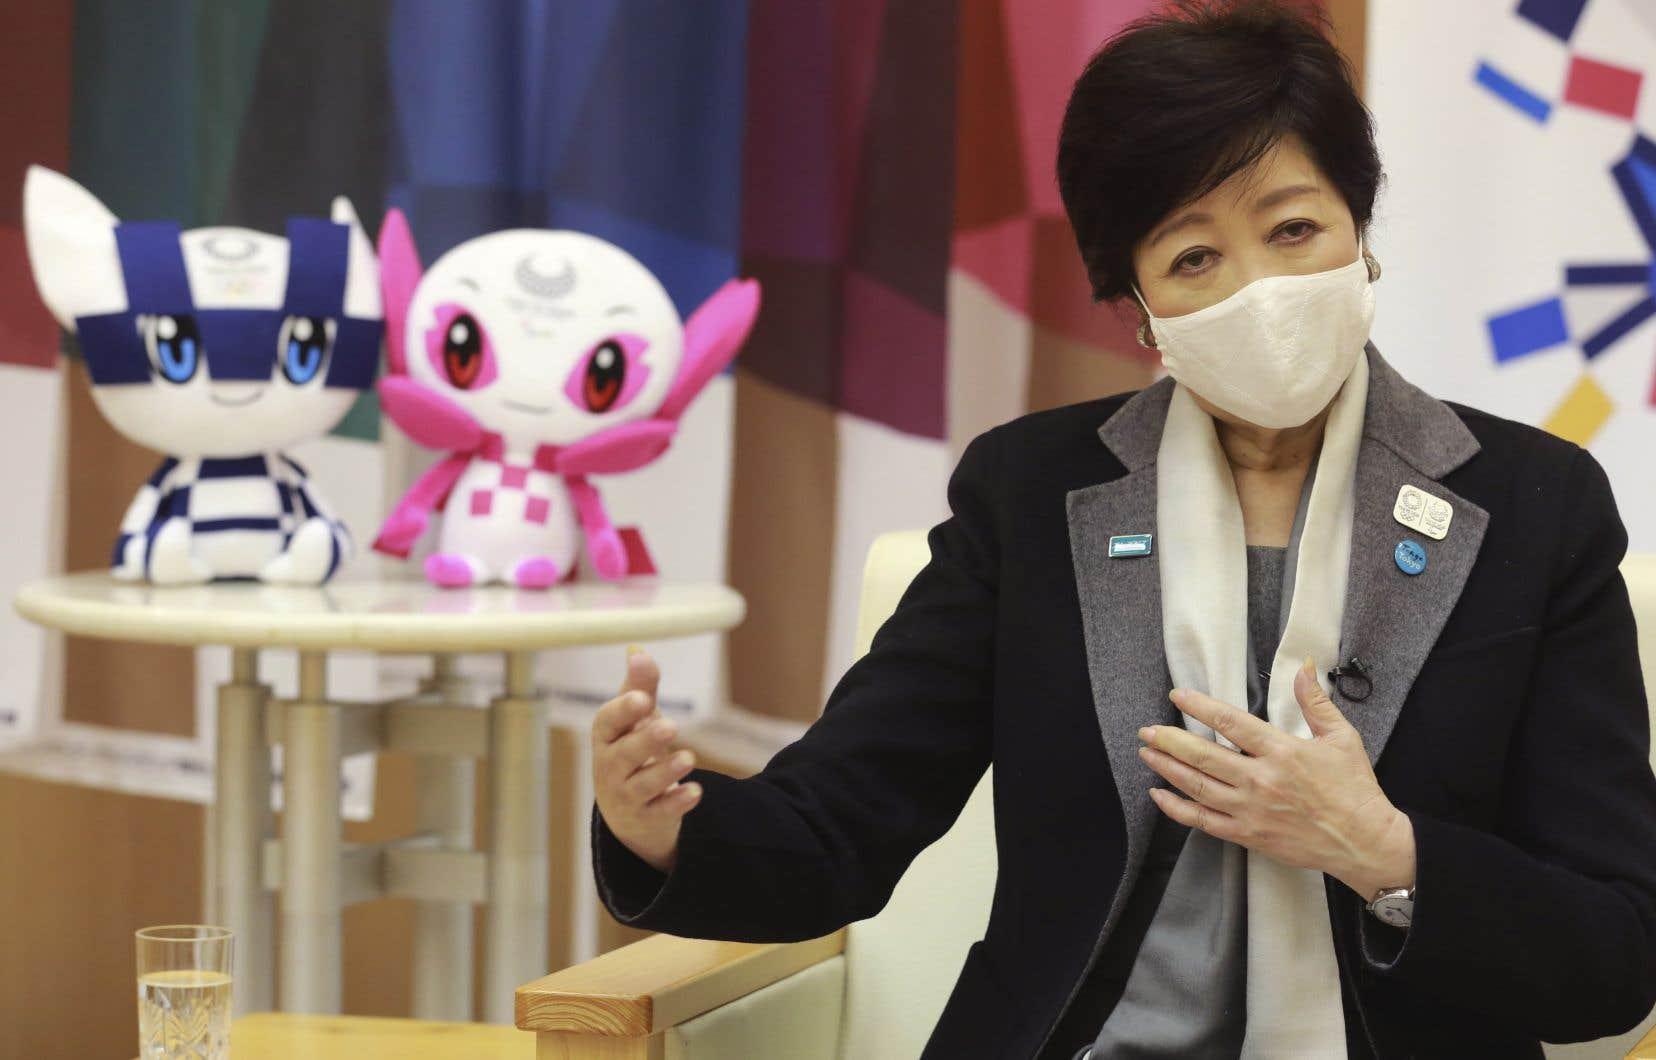 Tokyo fera «tout ce qu'il faut» pour réussir les jeux, qui ont été reportés d'un an à juillet prochain en raison de la pandémie, a déclaré Koike dans une entrevue à l'Associated Press.